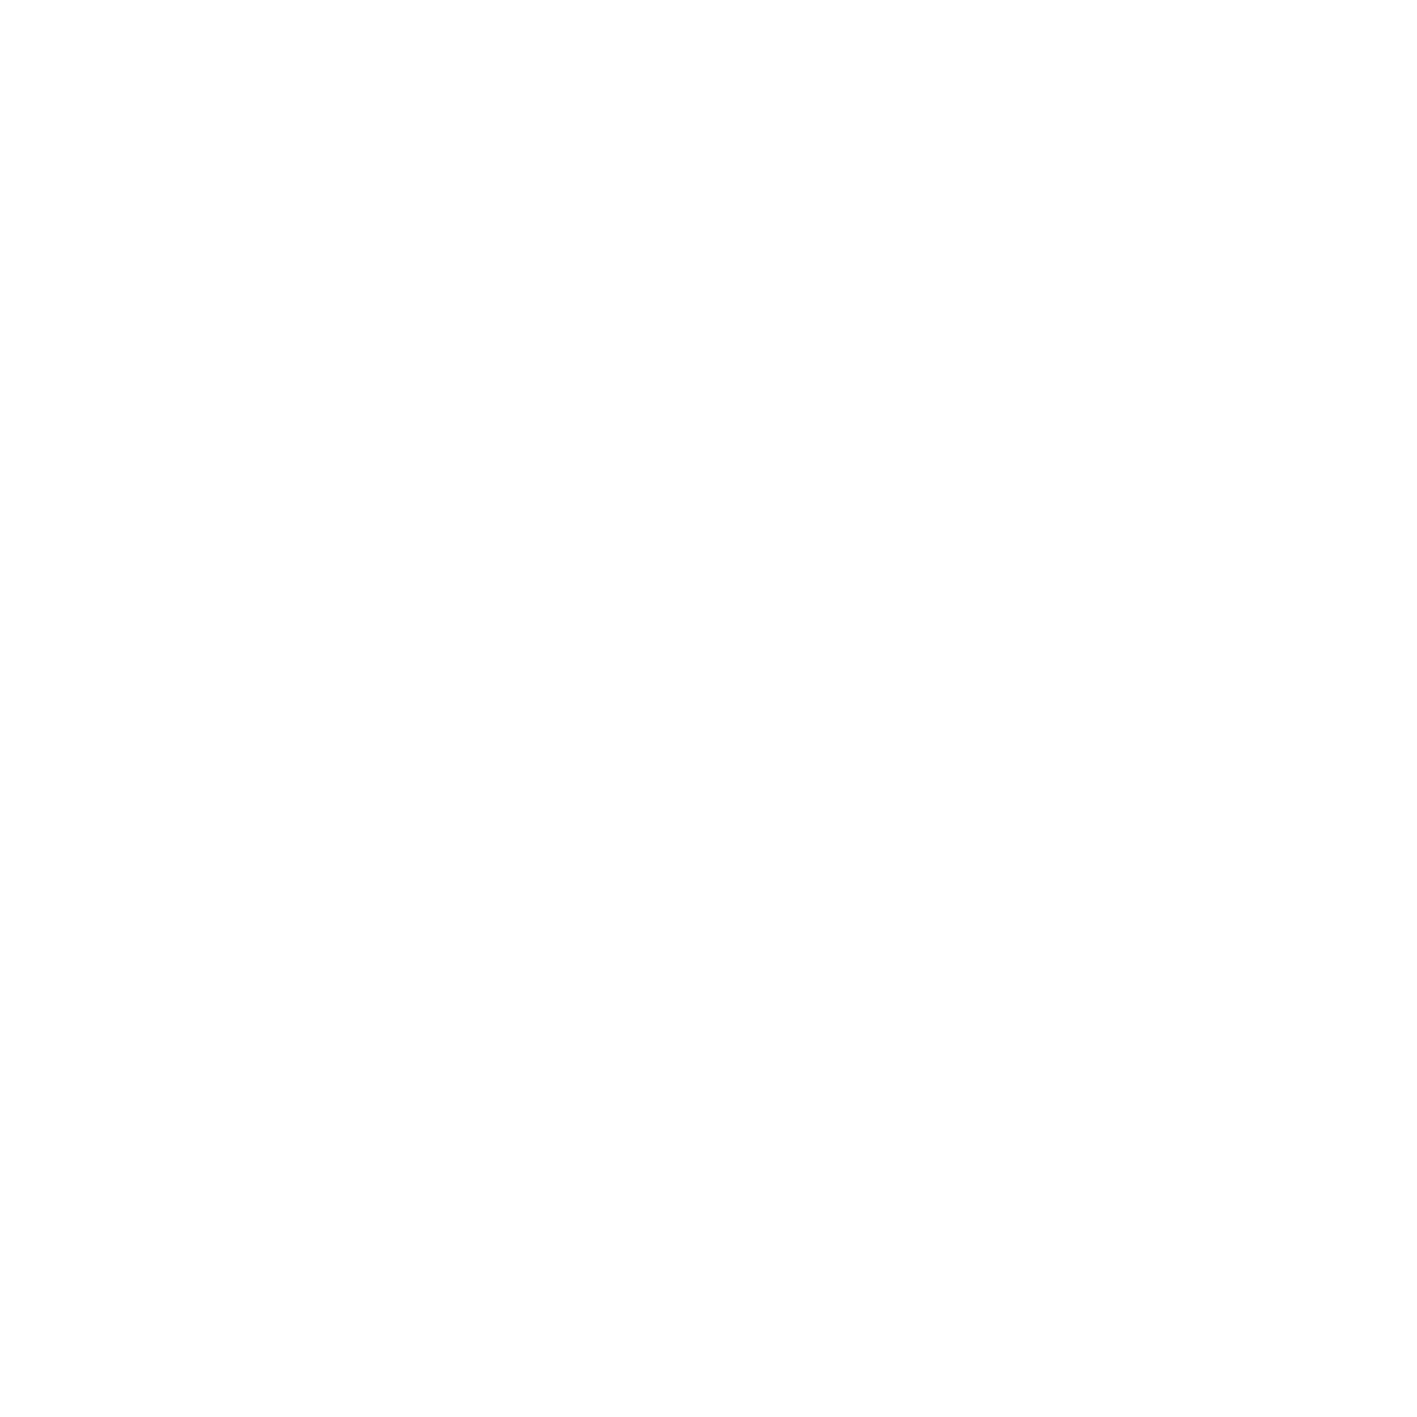 KWA ACE LOGO-01 white